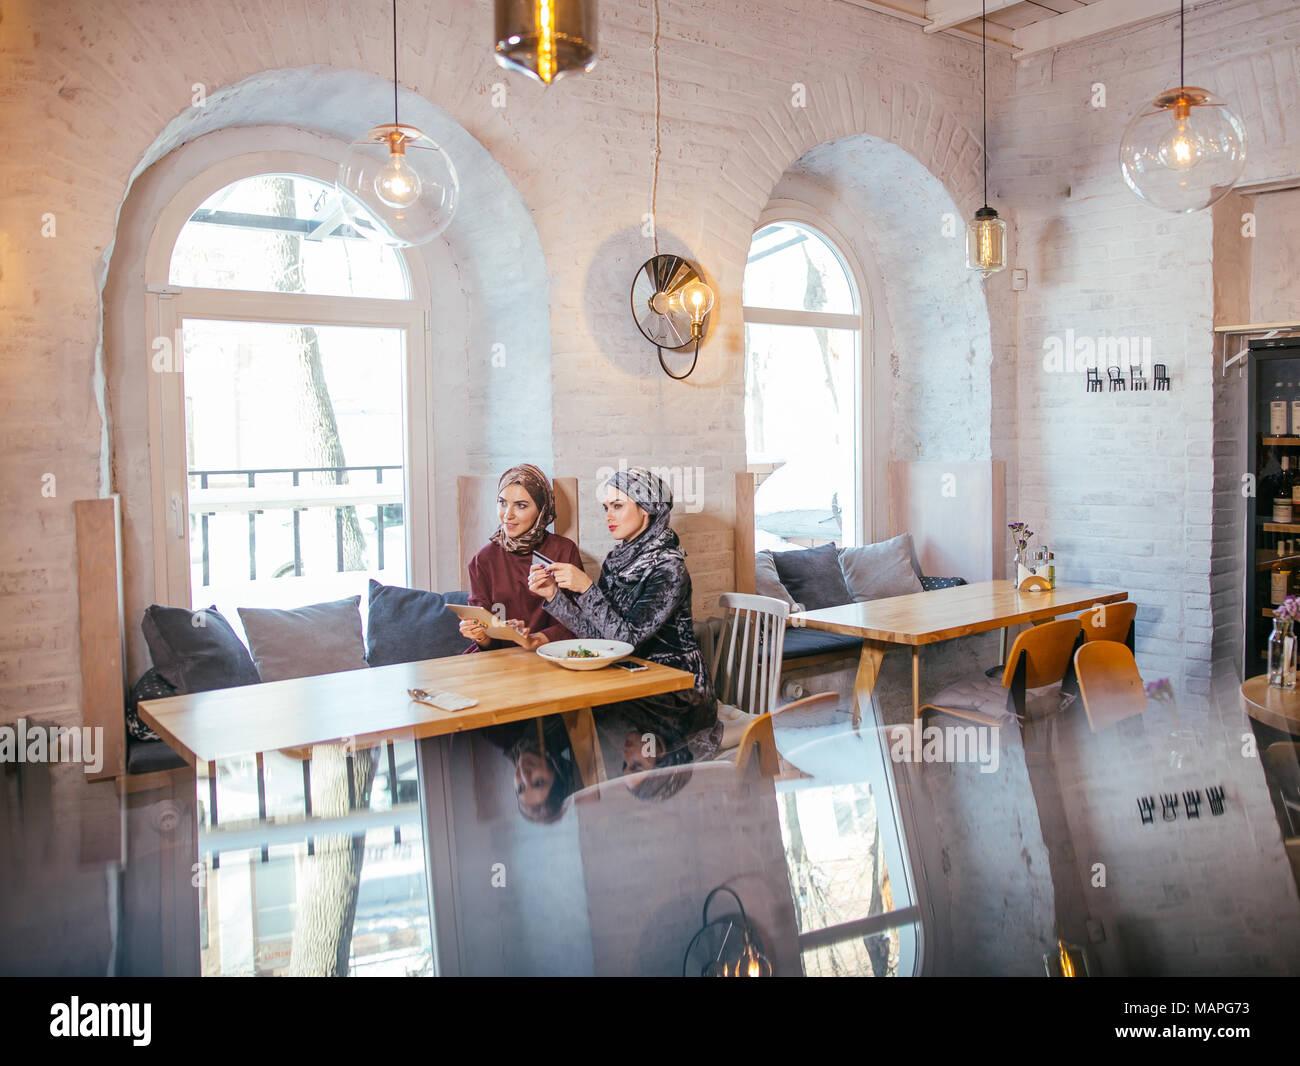 Zwei Business Partner mittels Tablet vor ihren Coffee Shop Stockbild